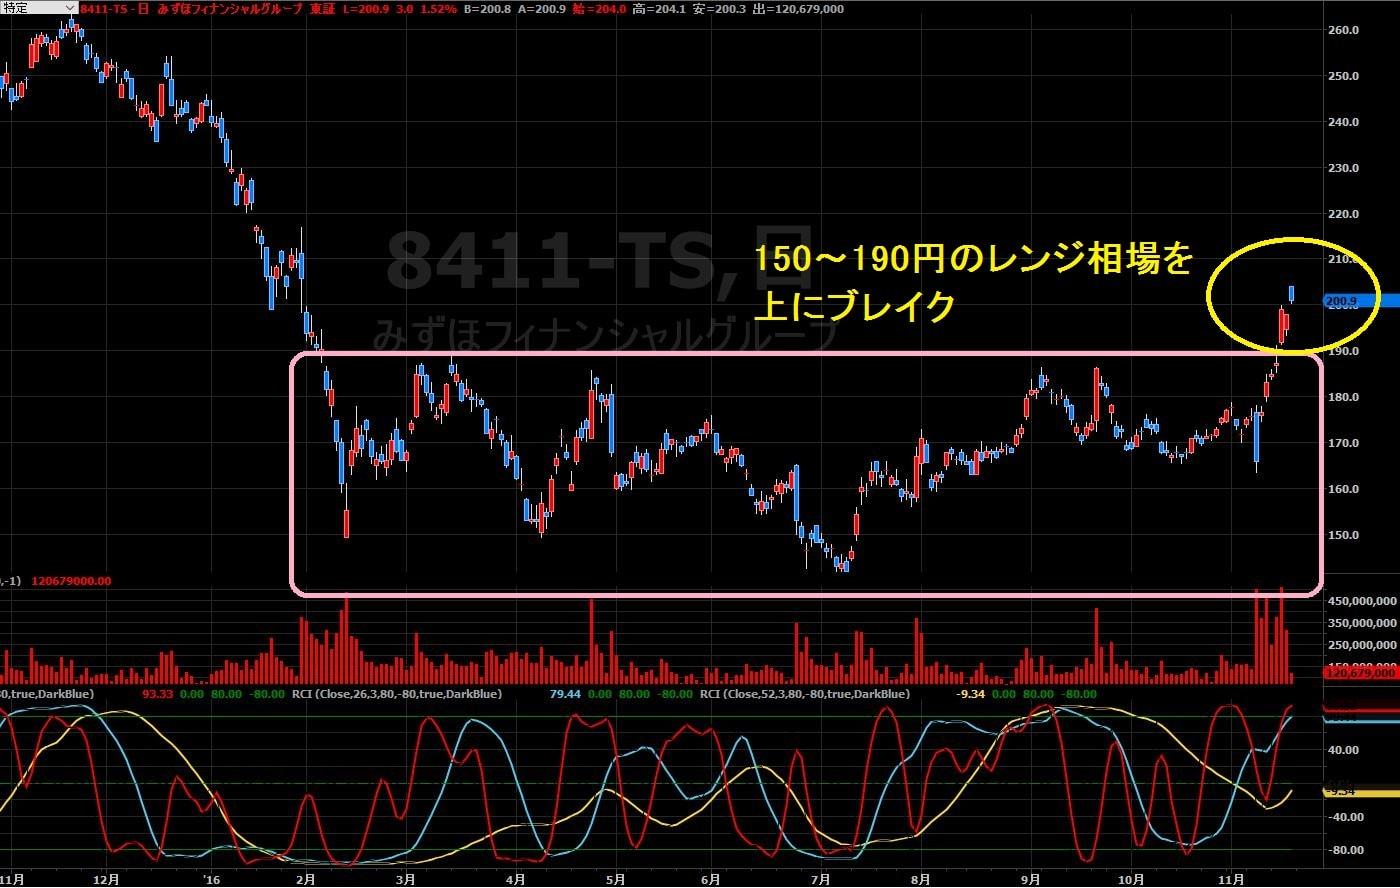 16-11-18みずほFG株価-日足チャート